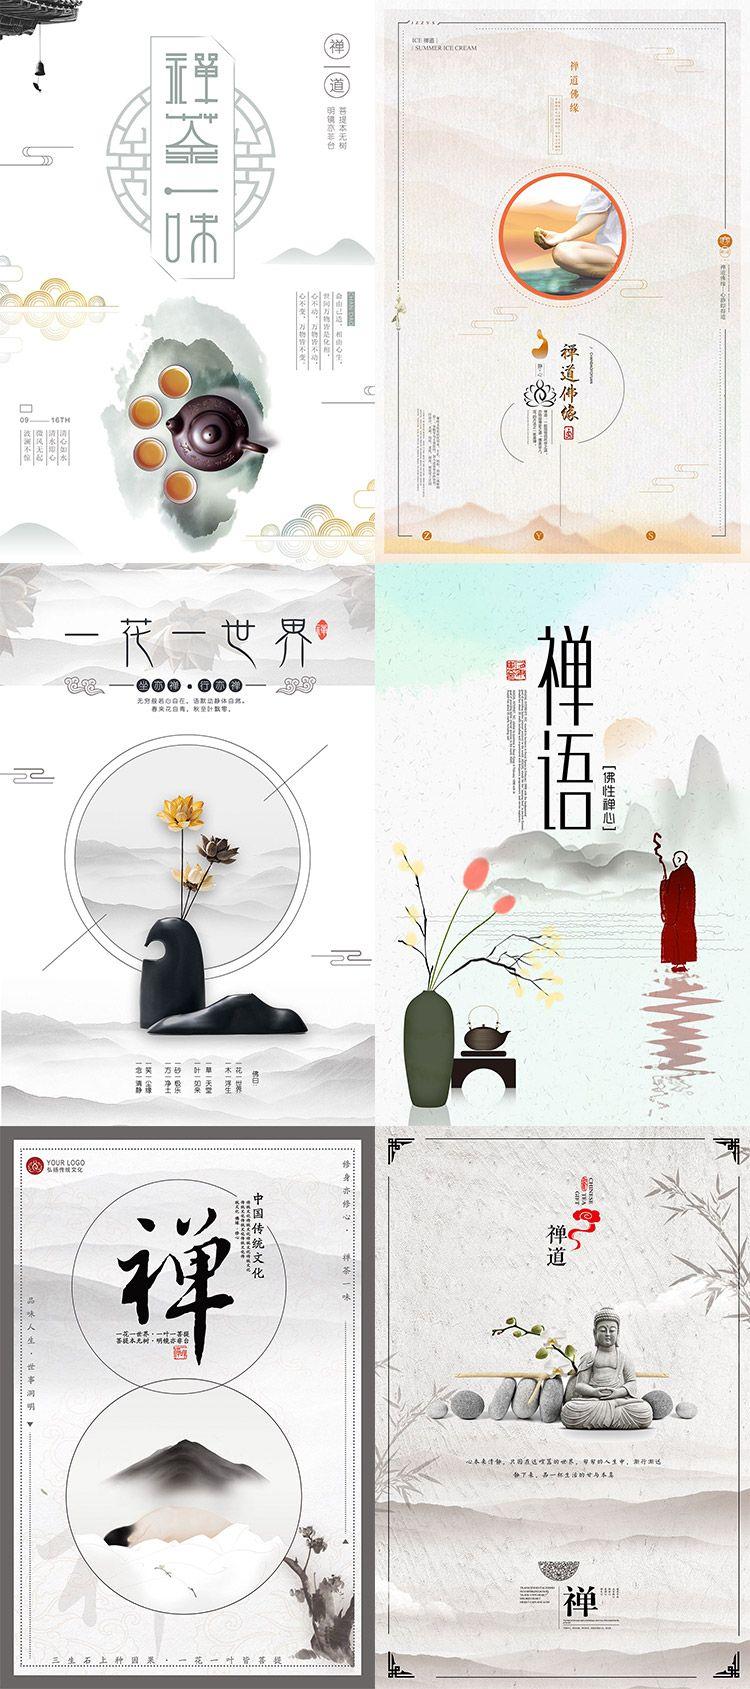 禅道佛茶文化悟性意境水墨传统文化中国风海报装饰画psd素材模板淘宝网 Cards, Map, Material